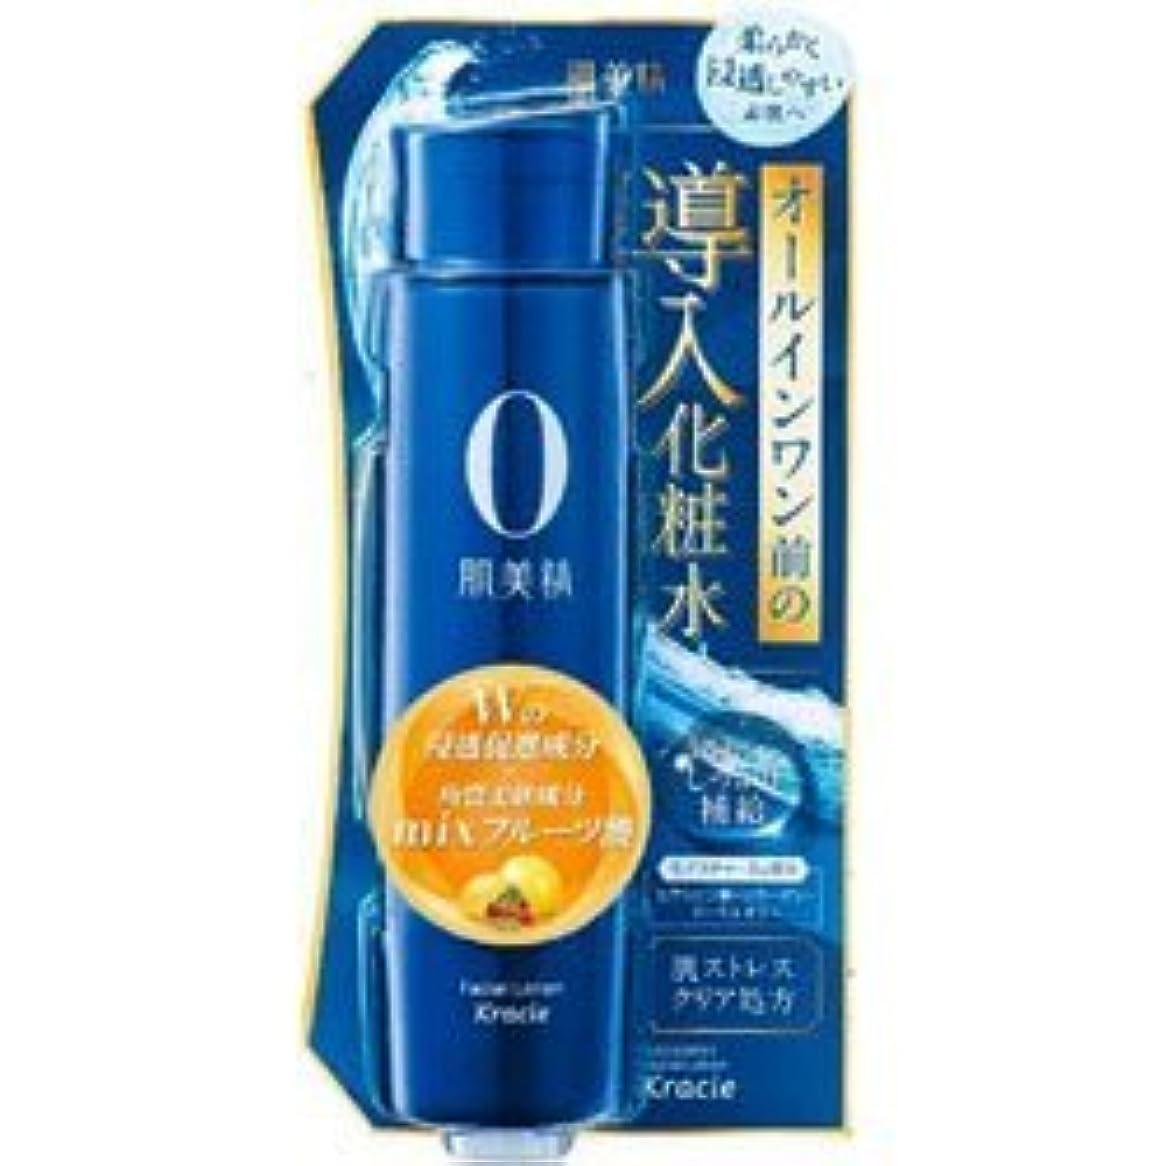 消毒するバッテリー備品【クラシエホームプロダクツ】肌美精 導入化粧水 150ml ×3個セット